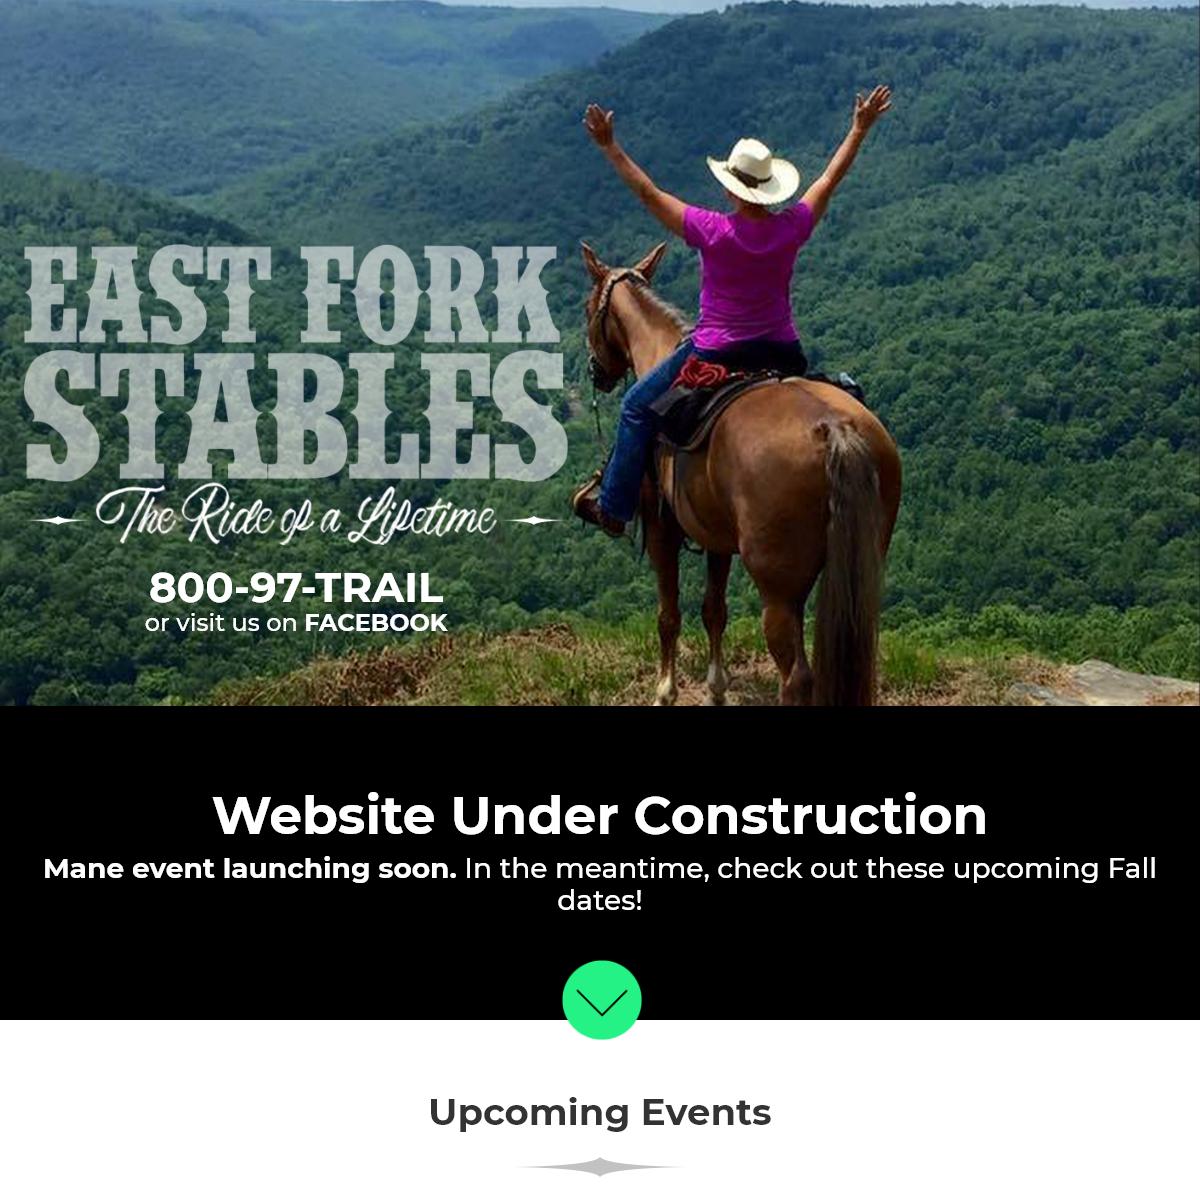 East Fork Stables - East Fork Stables